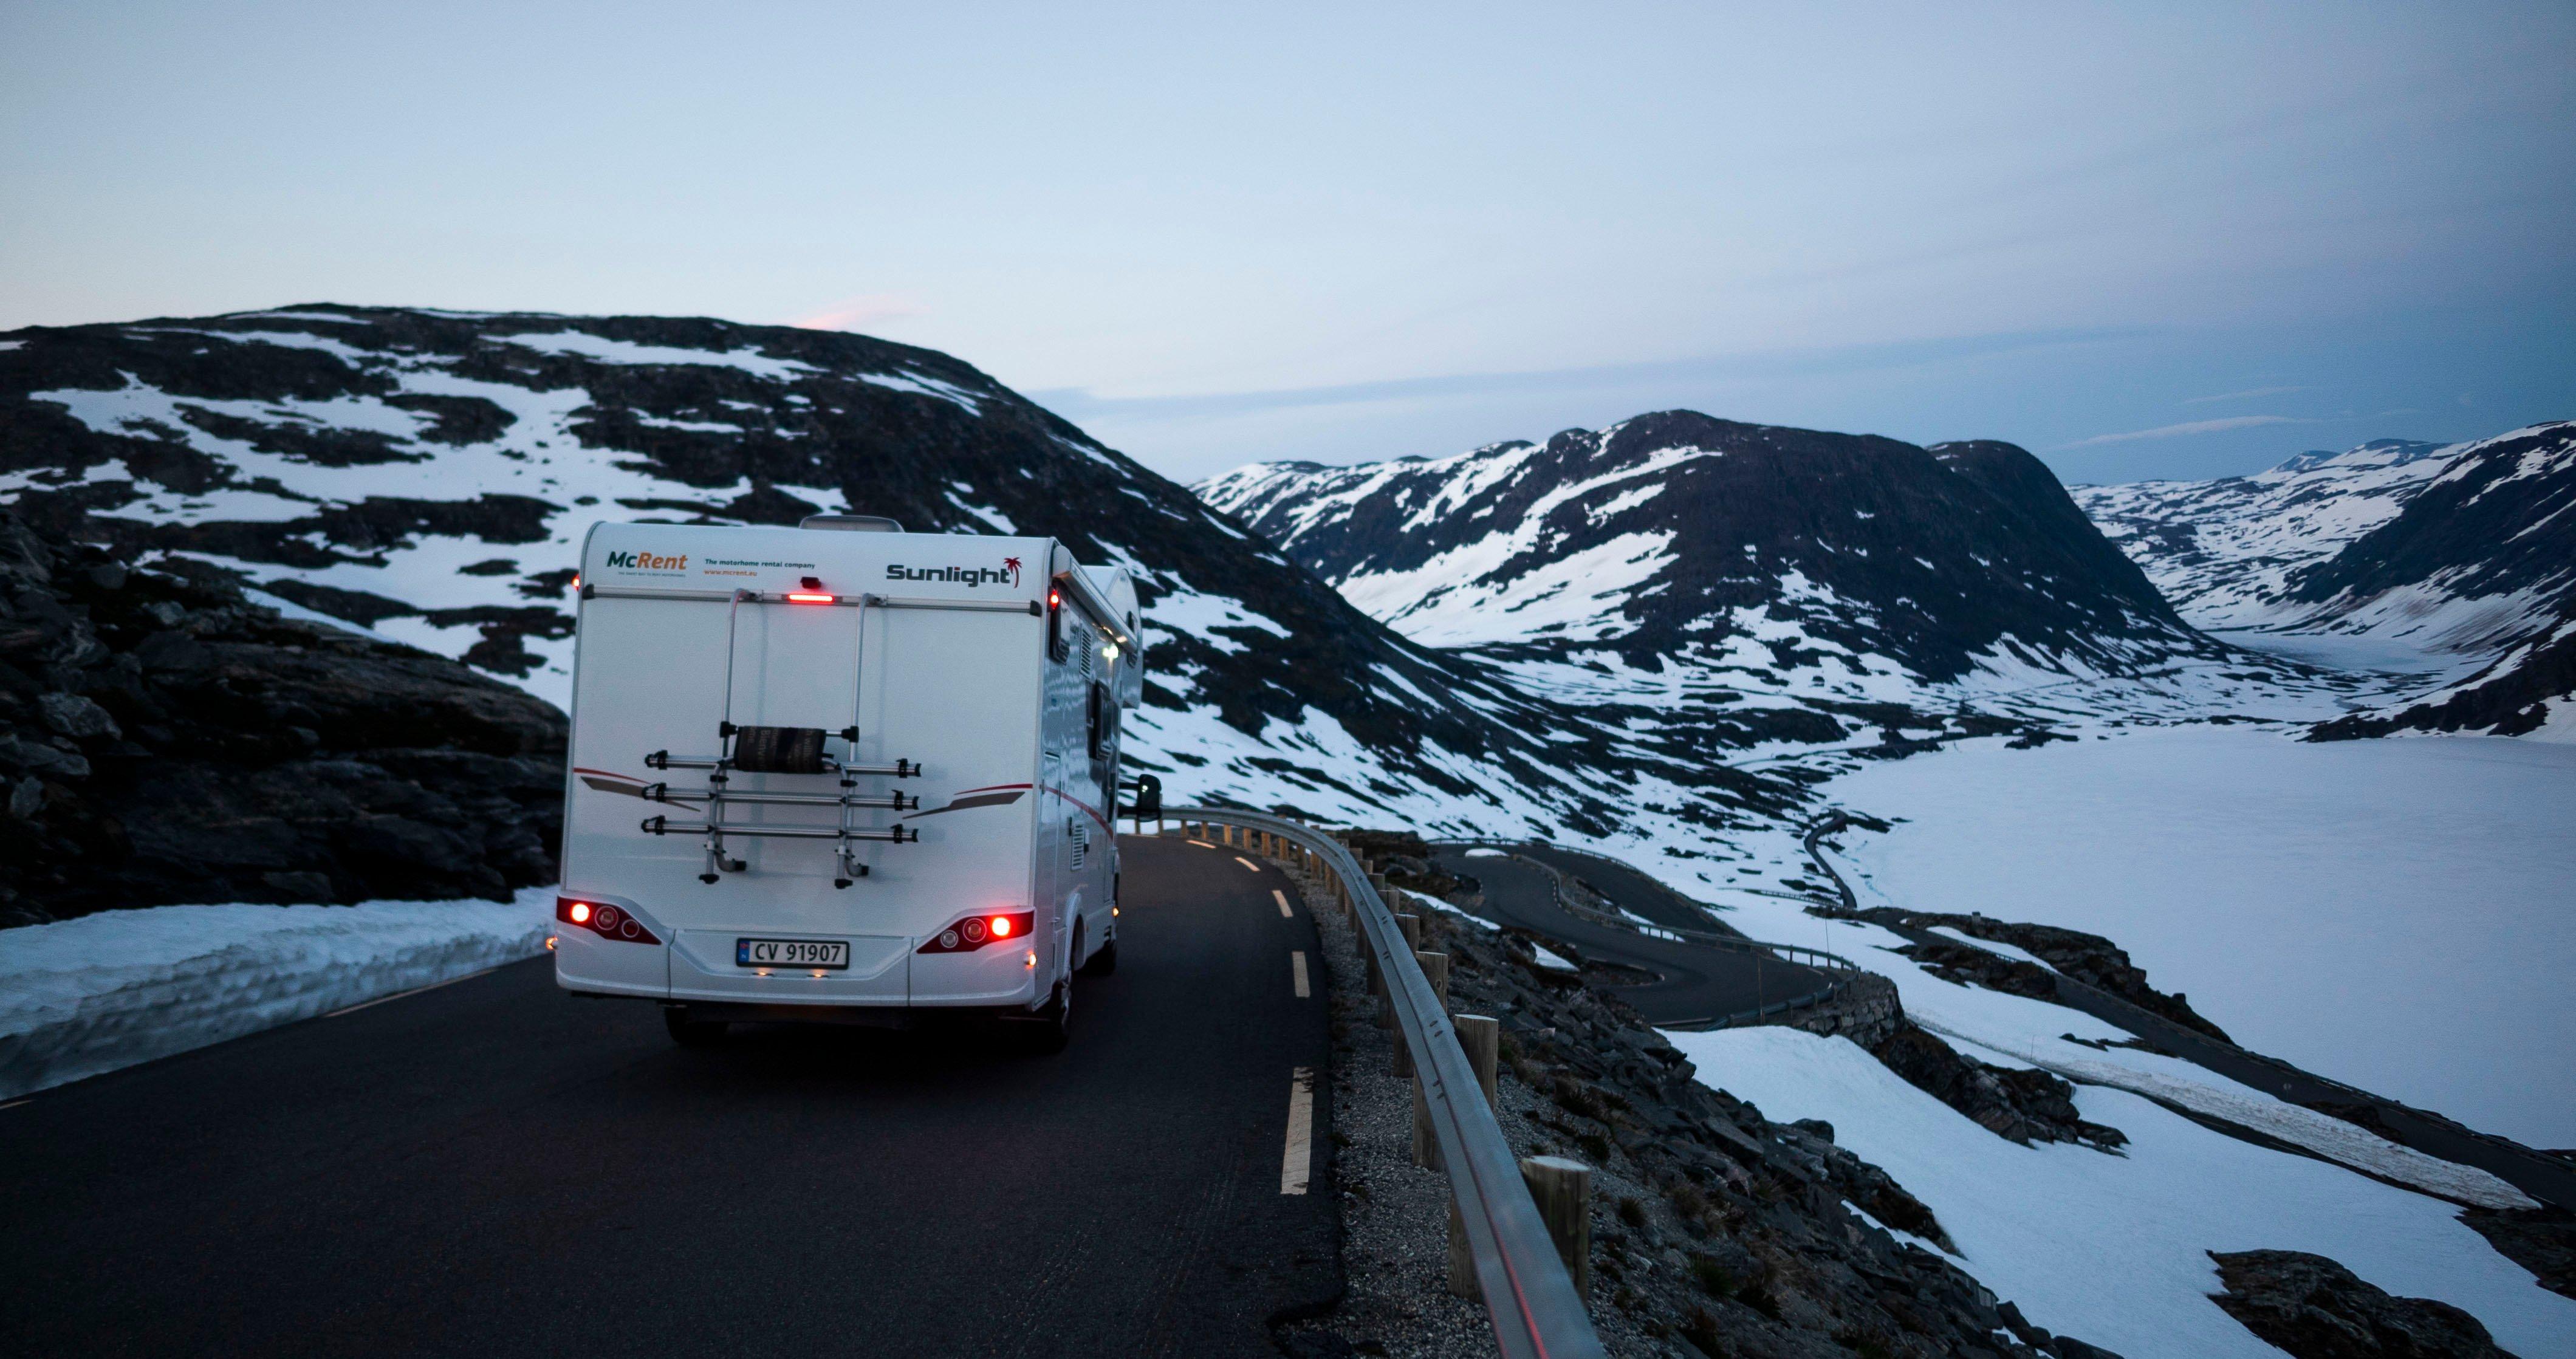 Opplev Norge med en bobil eller campingvogn fra Ferda